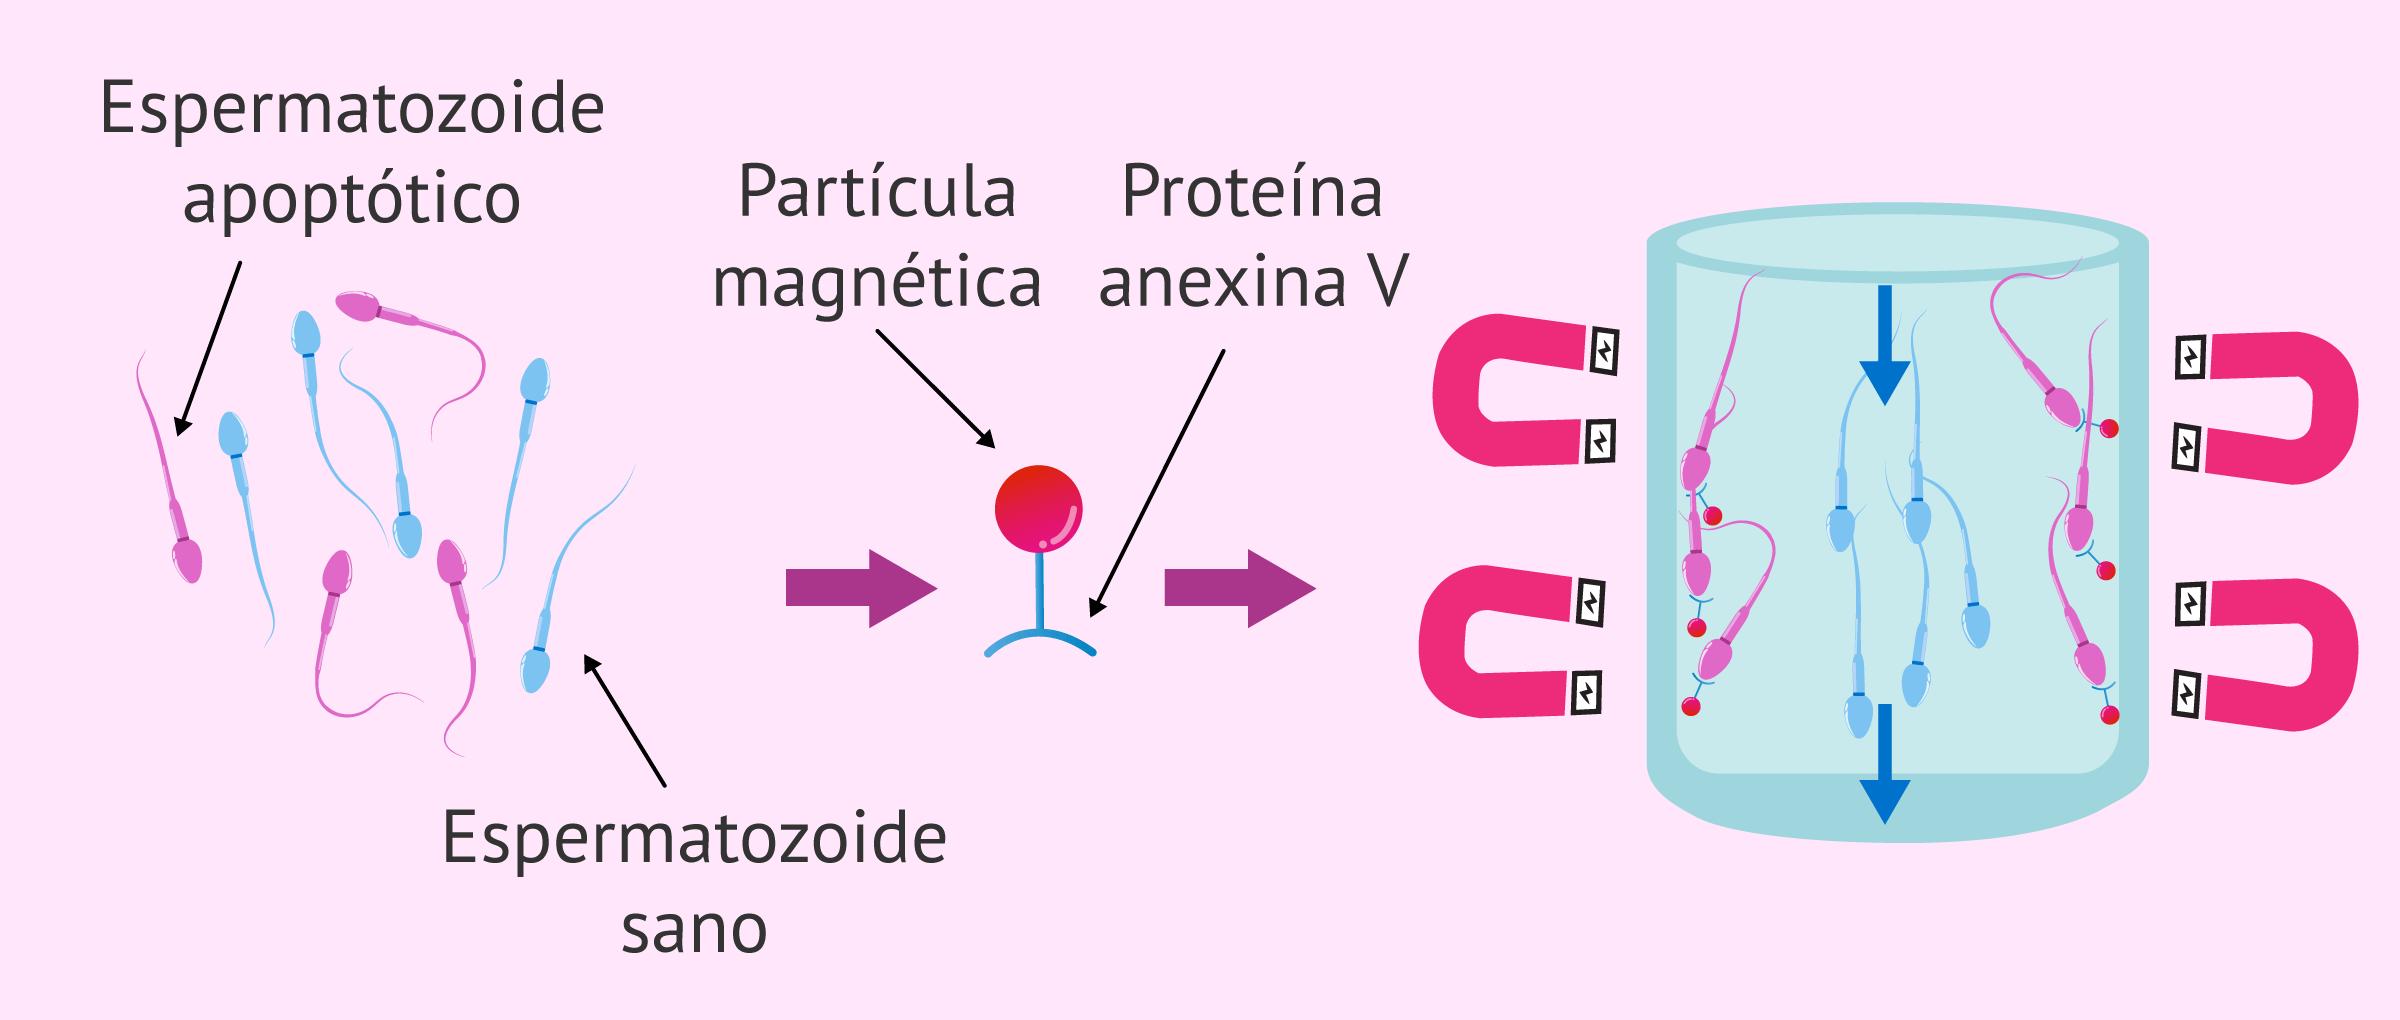 Selección de espermatozoides mediante MACS